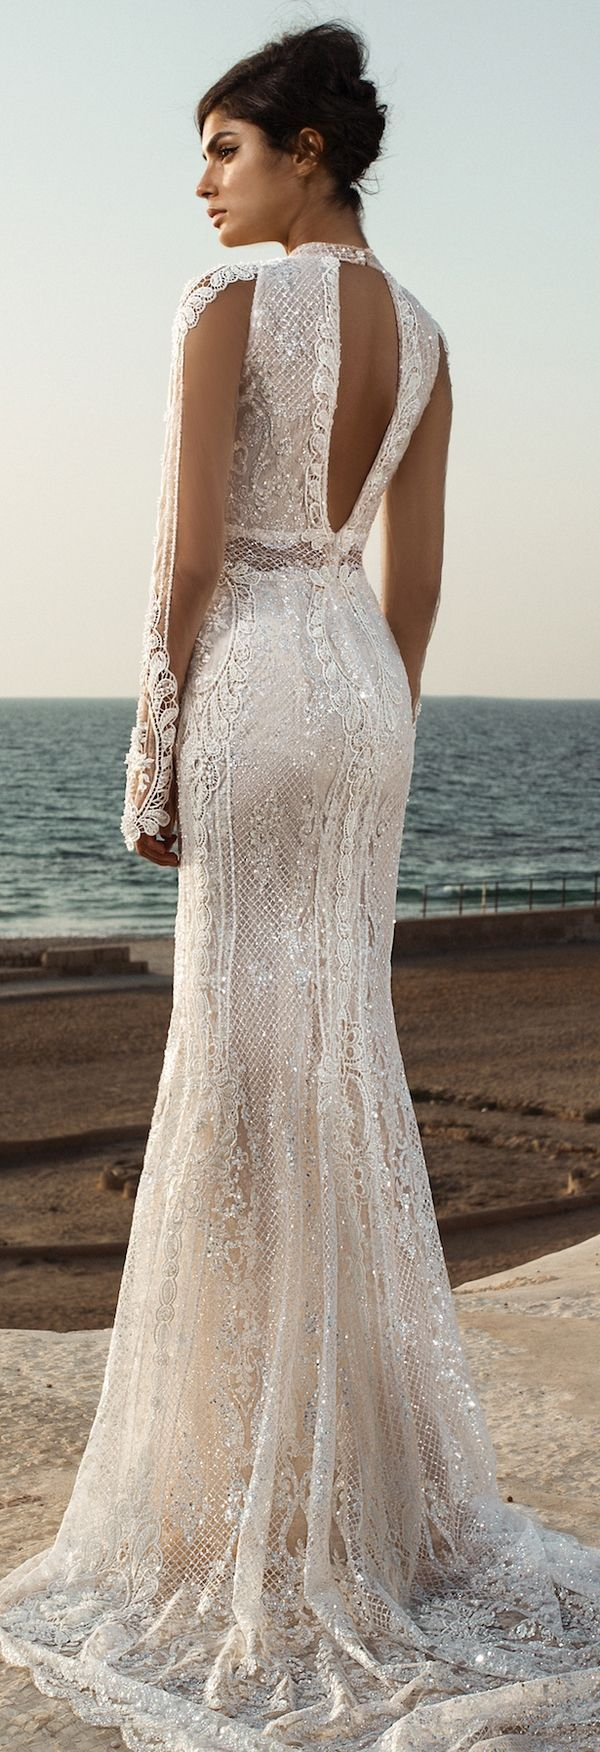 Galia lahav fall wedding dresses u le secret royal ii u gala